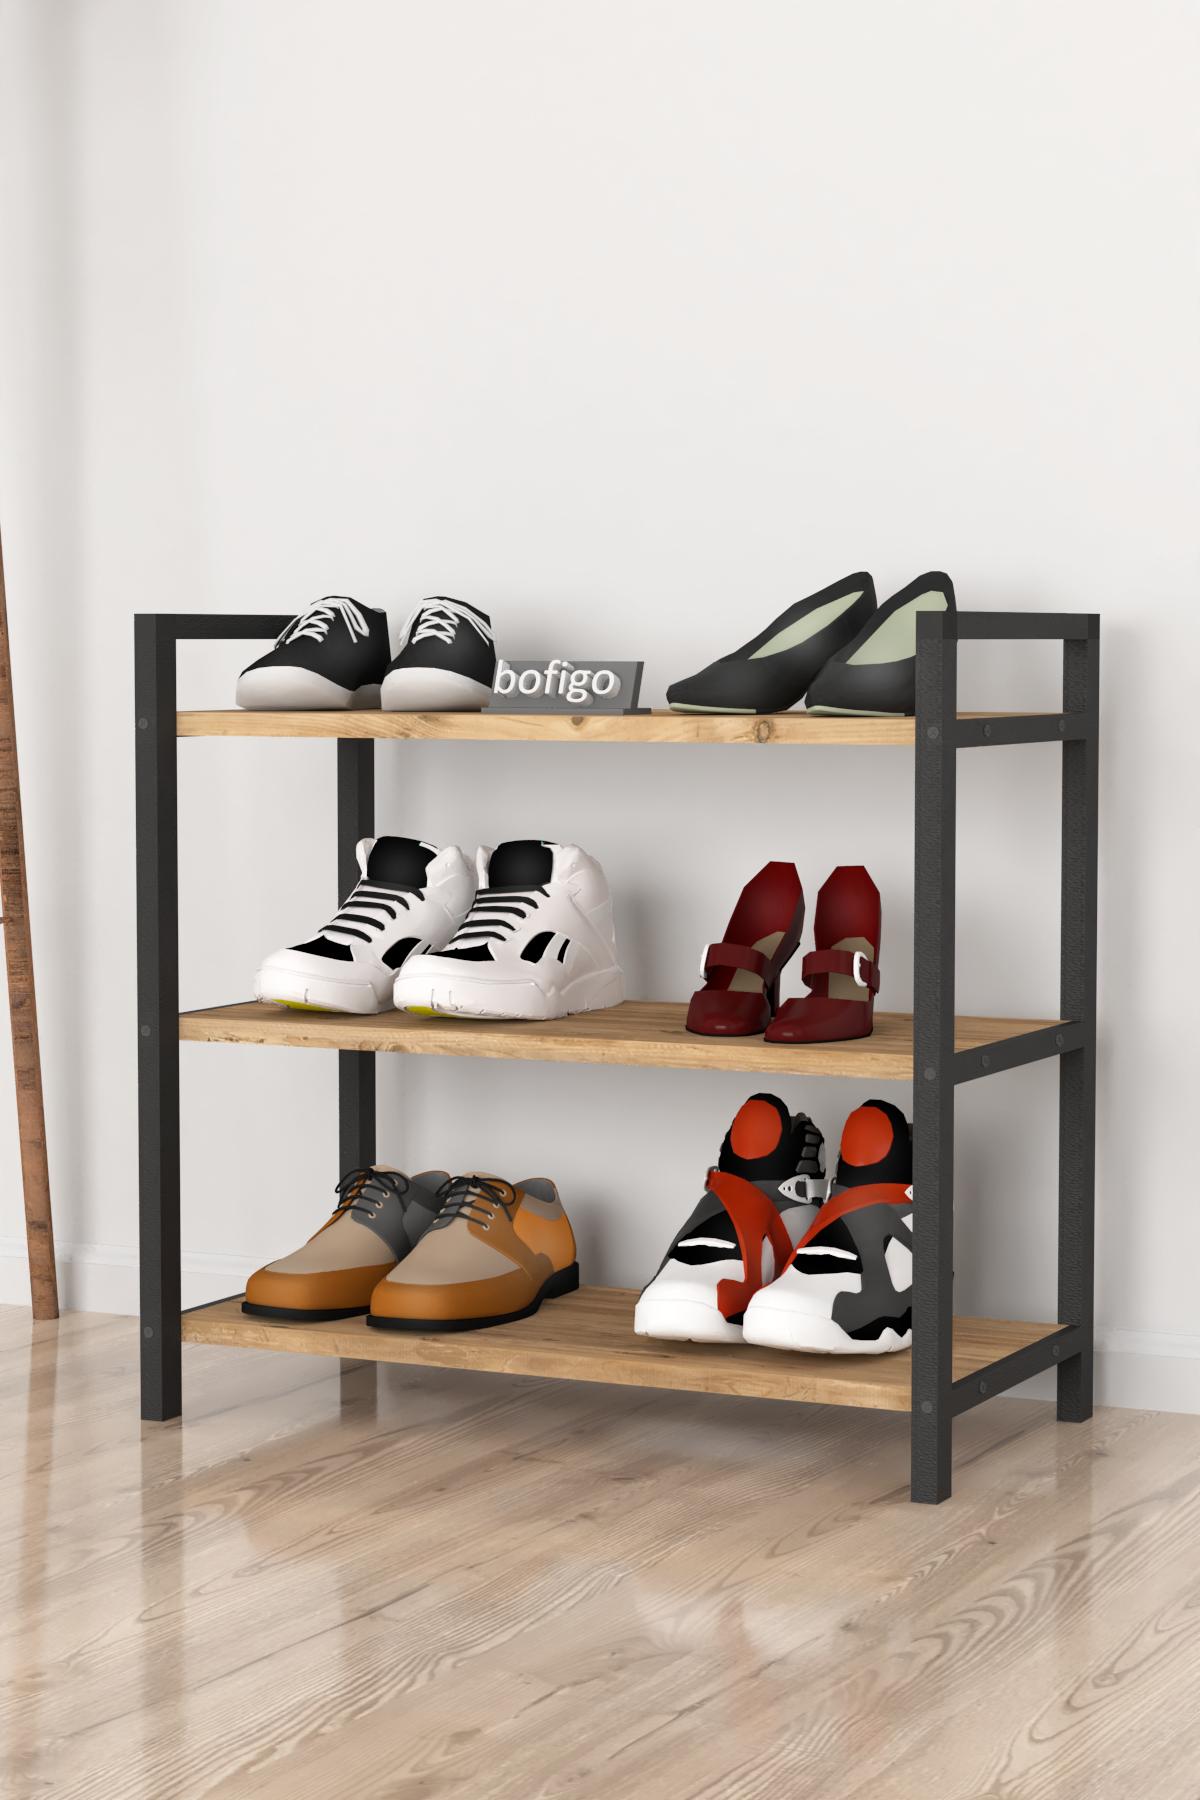 Bofigo Dekoratif 3 Raflı Ayakkabılık Metal Ayakkabılık Çam